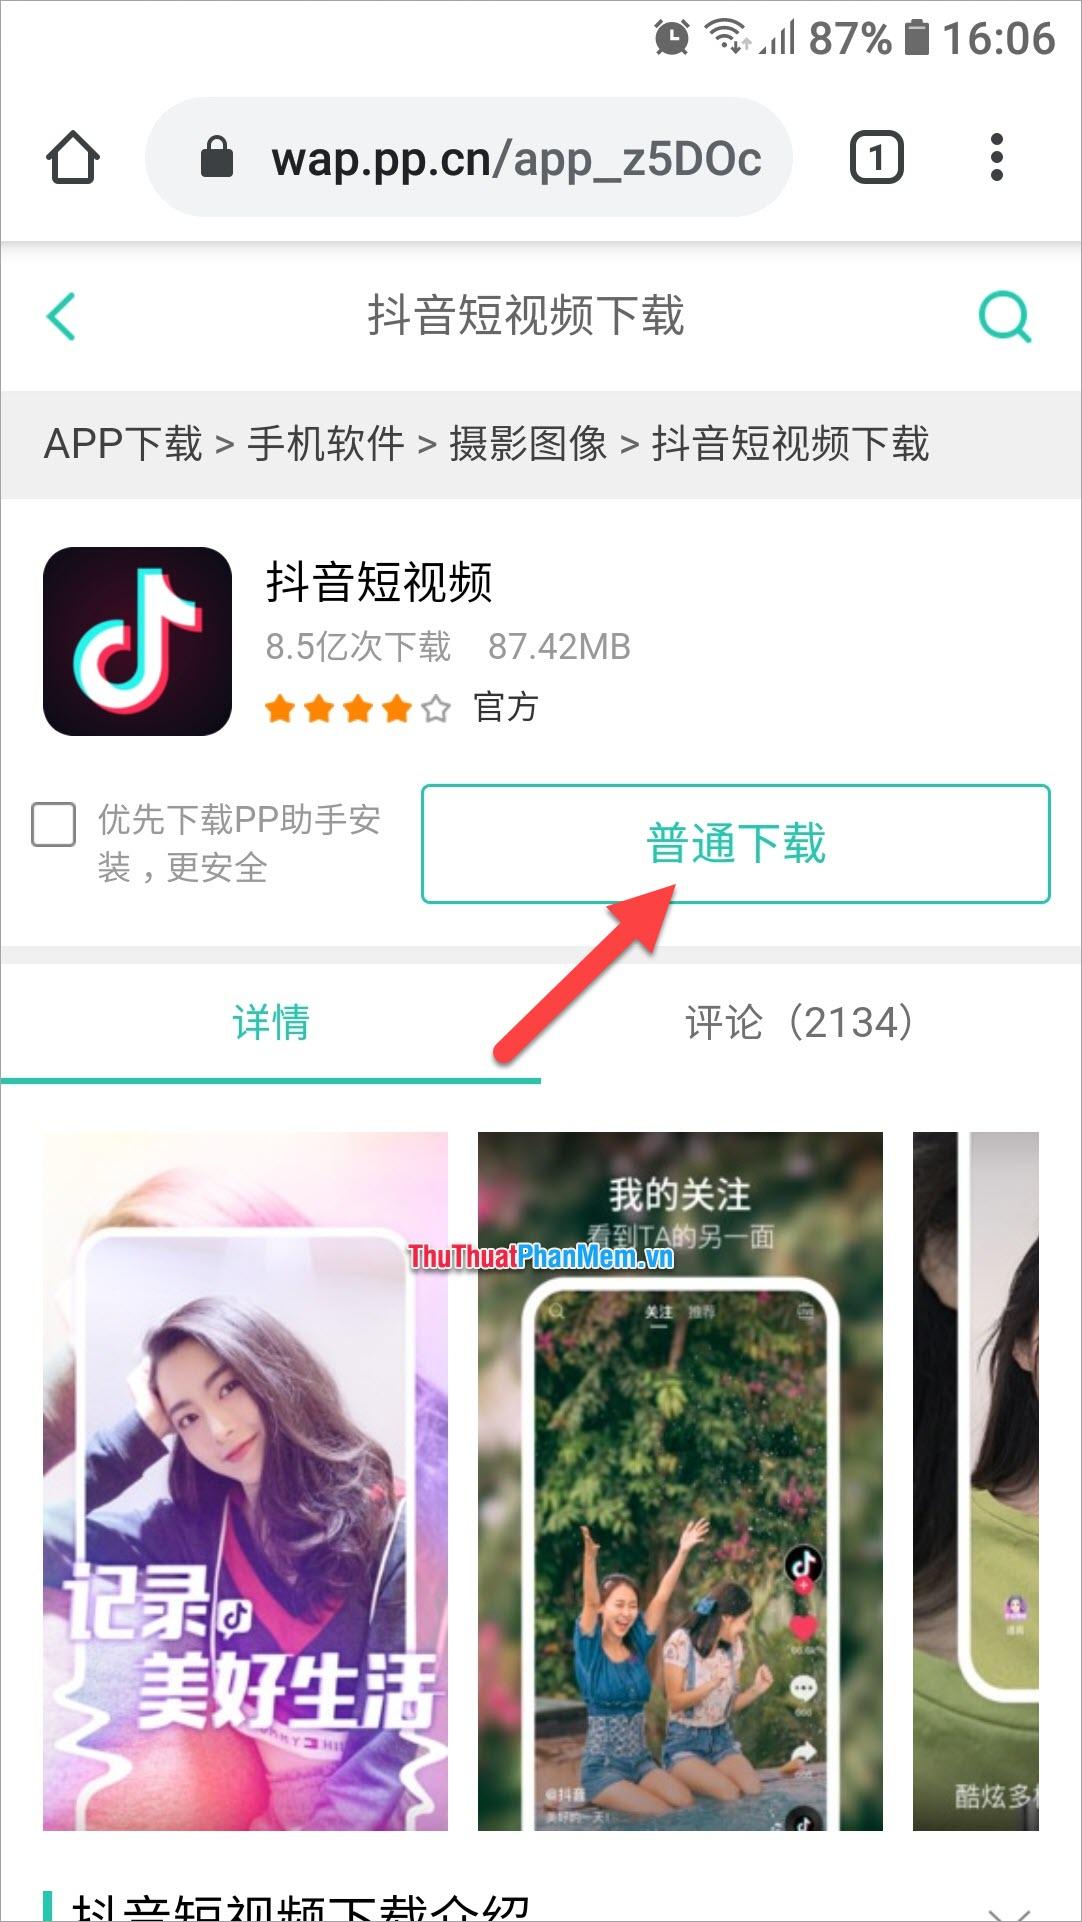 Click vào nút 普通下载 để tải bản apk của TikTok Trung Quốc